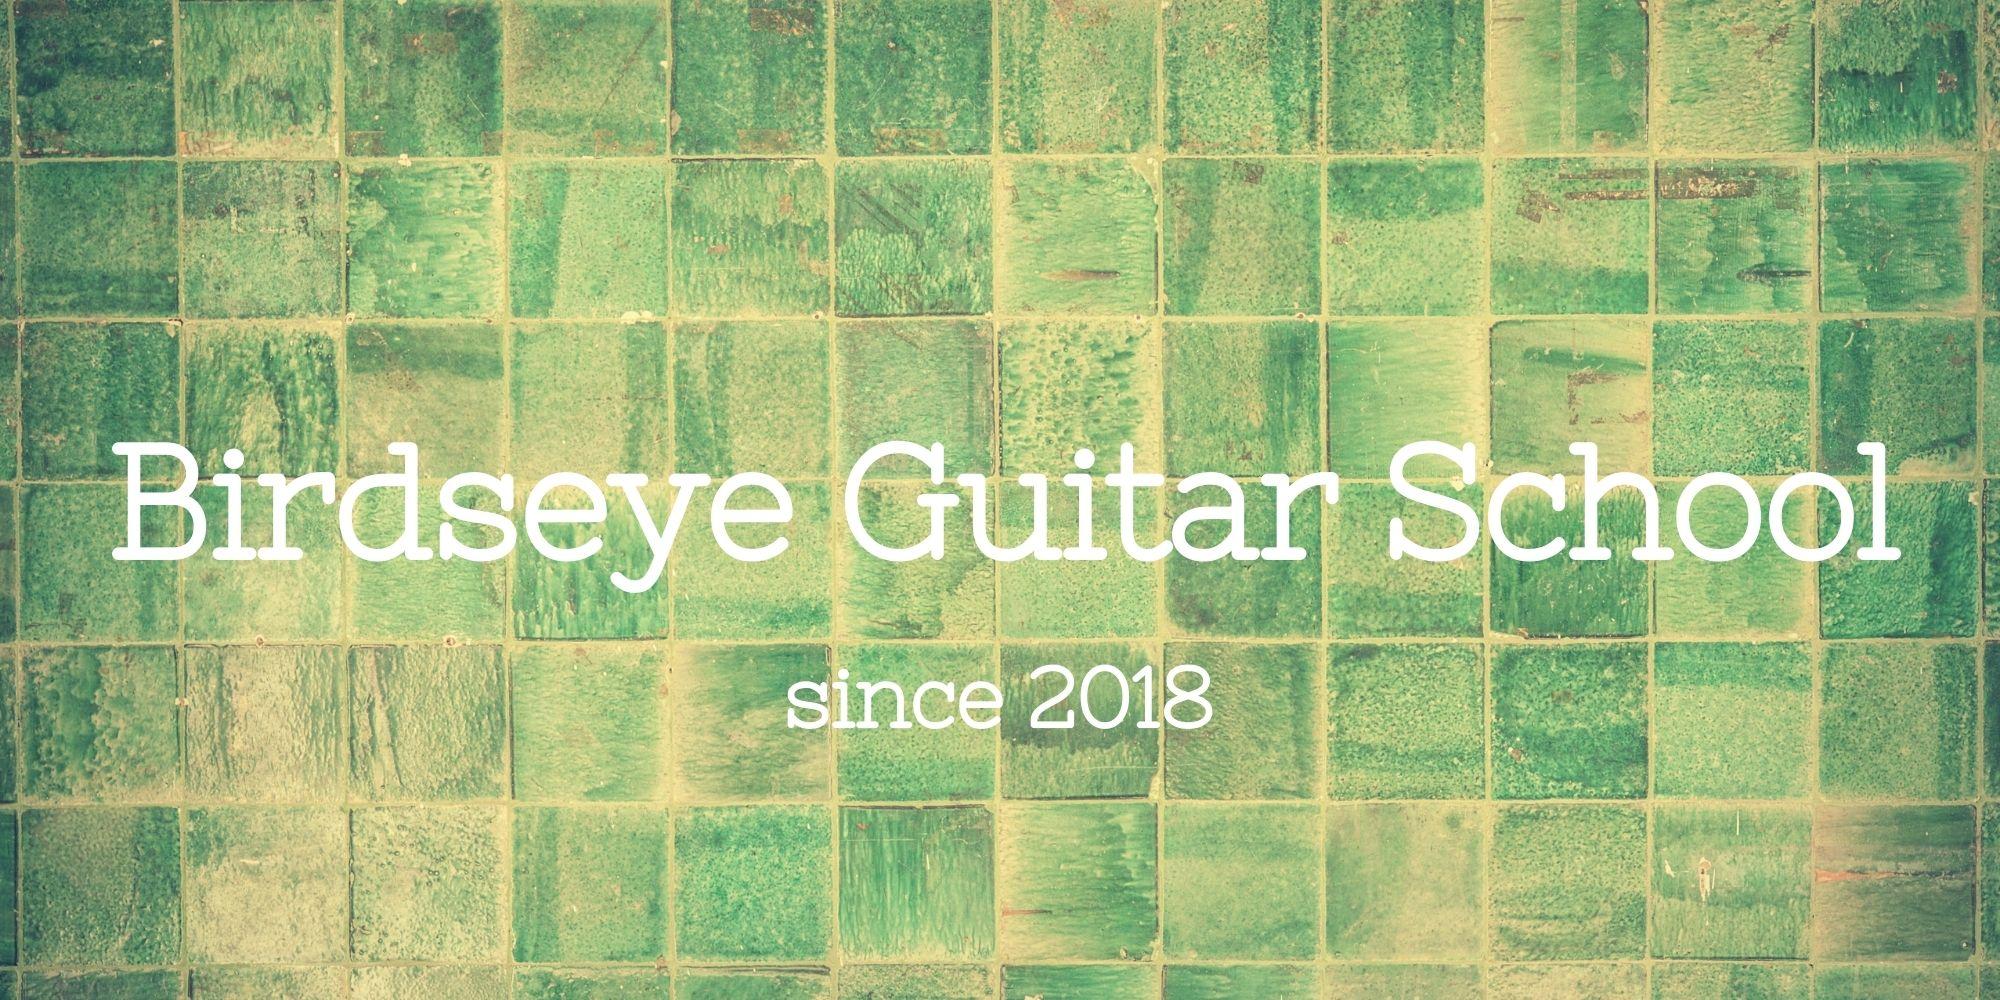 バーズアイギタースクール